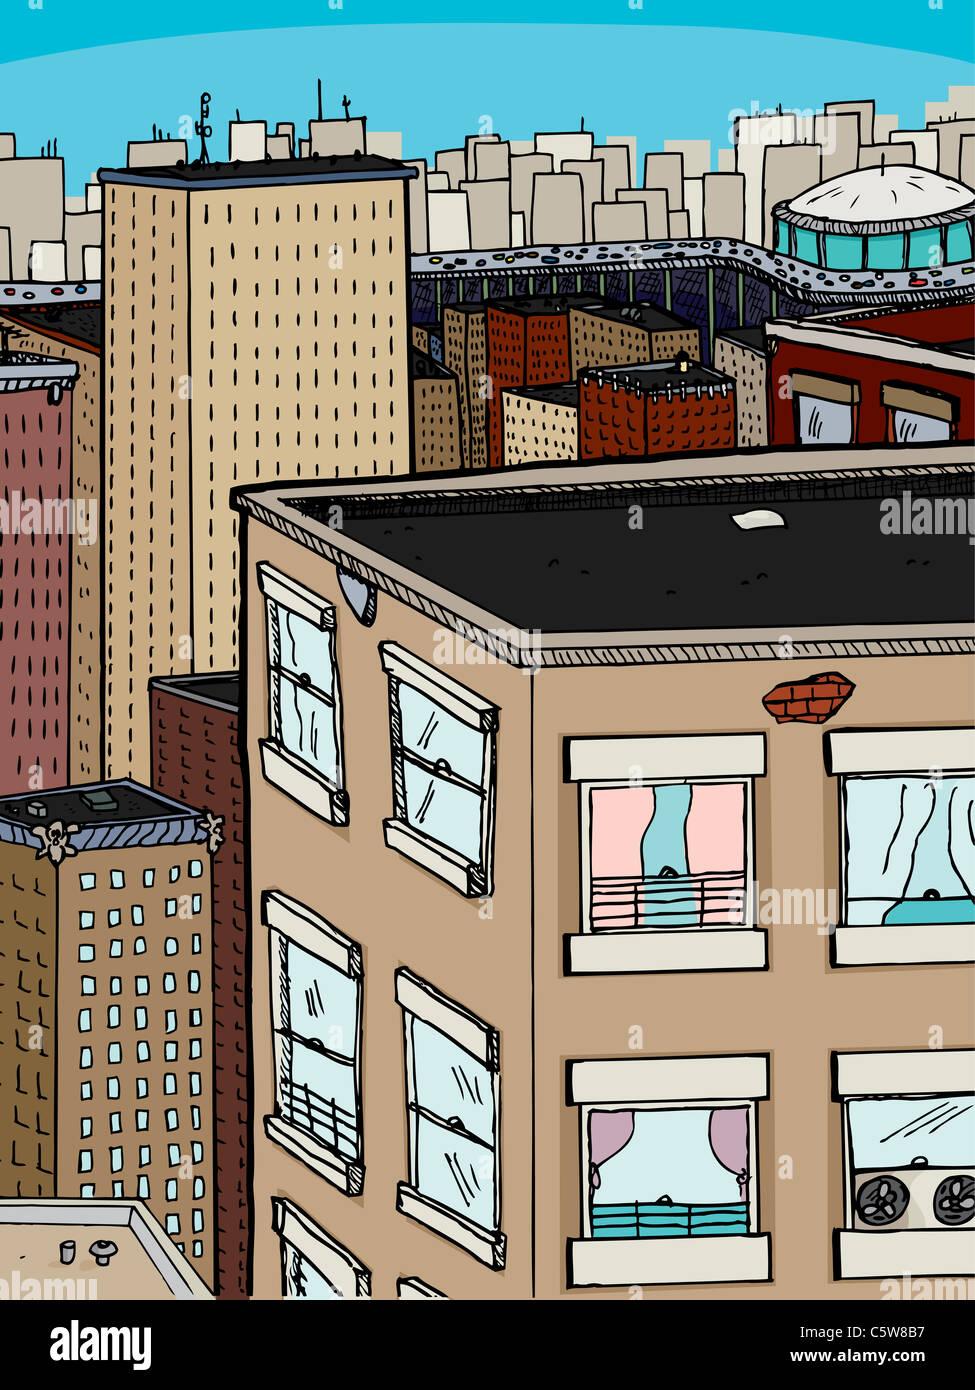 Escenario urbano denso con viejos apartamentos, oficinas y un estadio con ocupado expressway Imagen De Stock